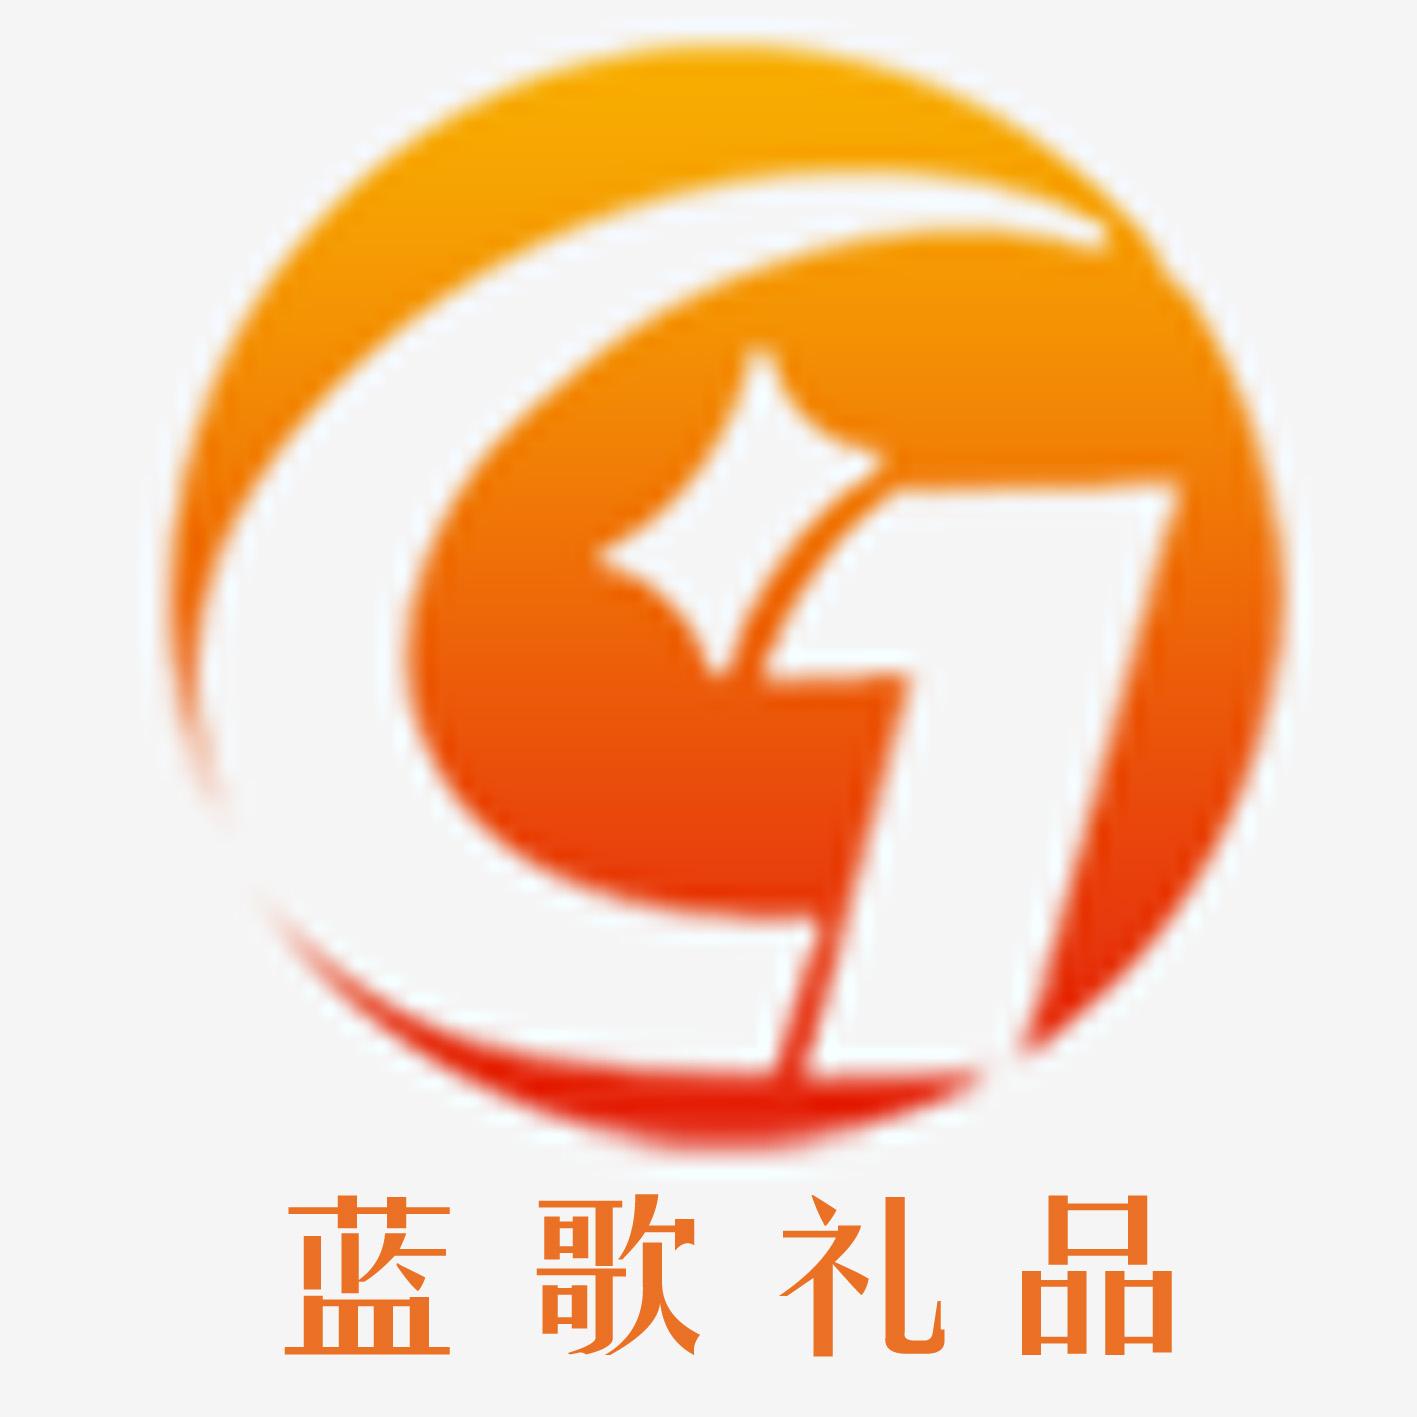 柯航(深圳)贸易有限公司